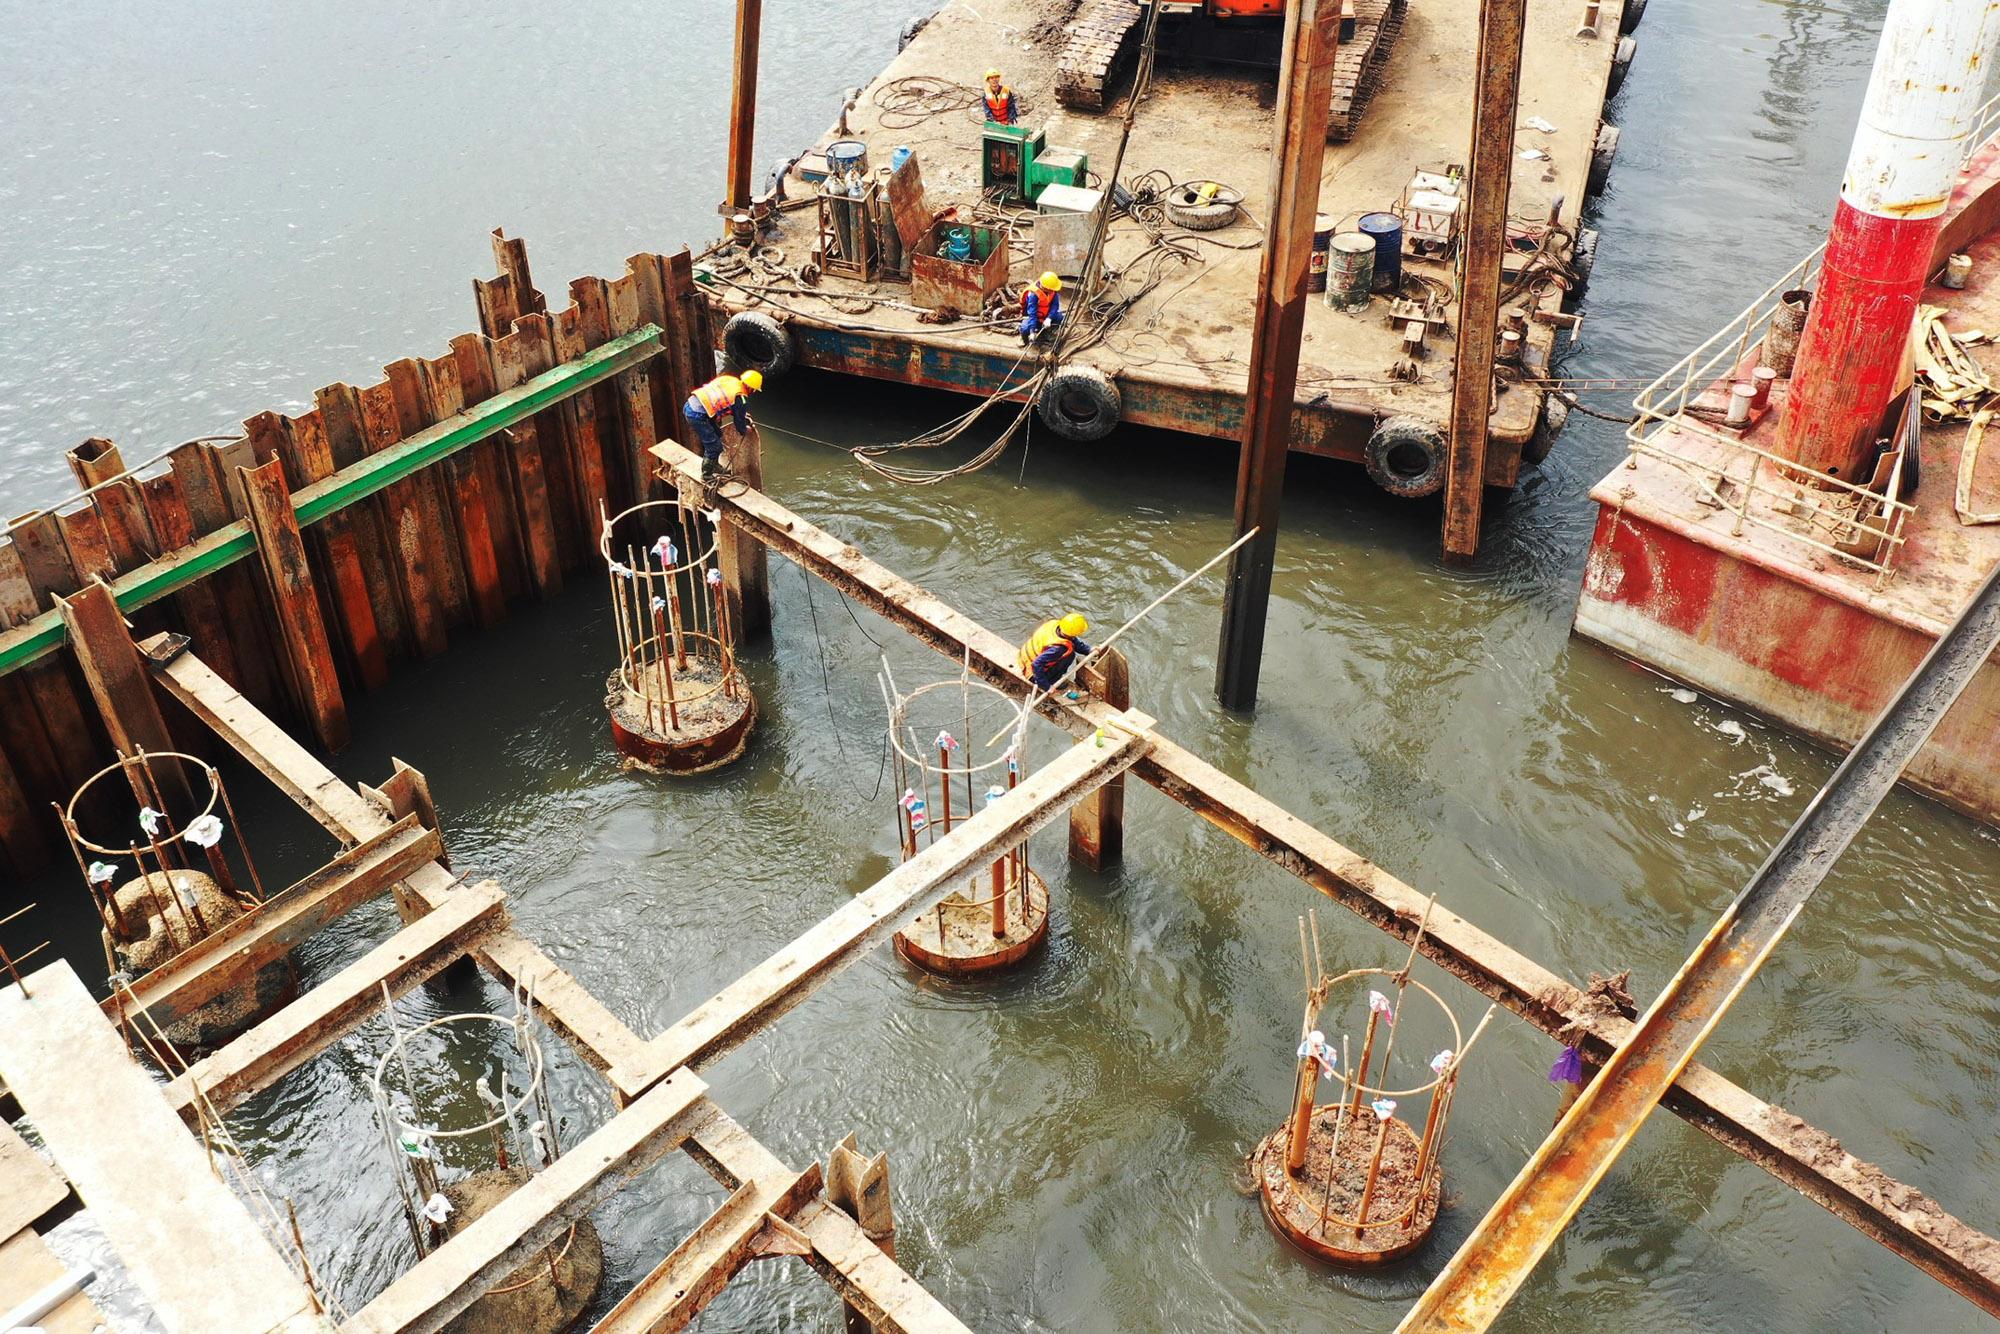 Hiện các nhà thầu đang tập trung thi công cọc khoan nhồi khu vực giữa sông.